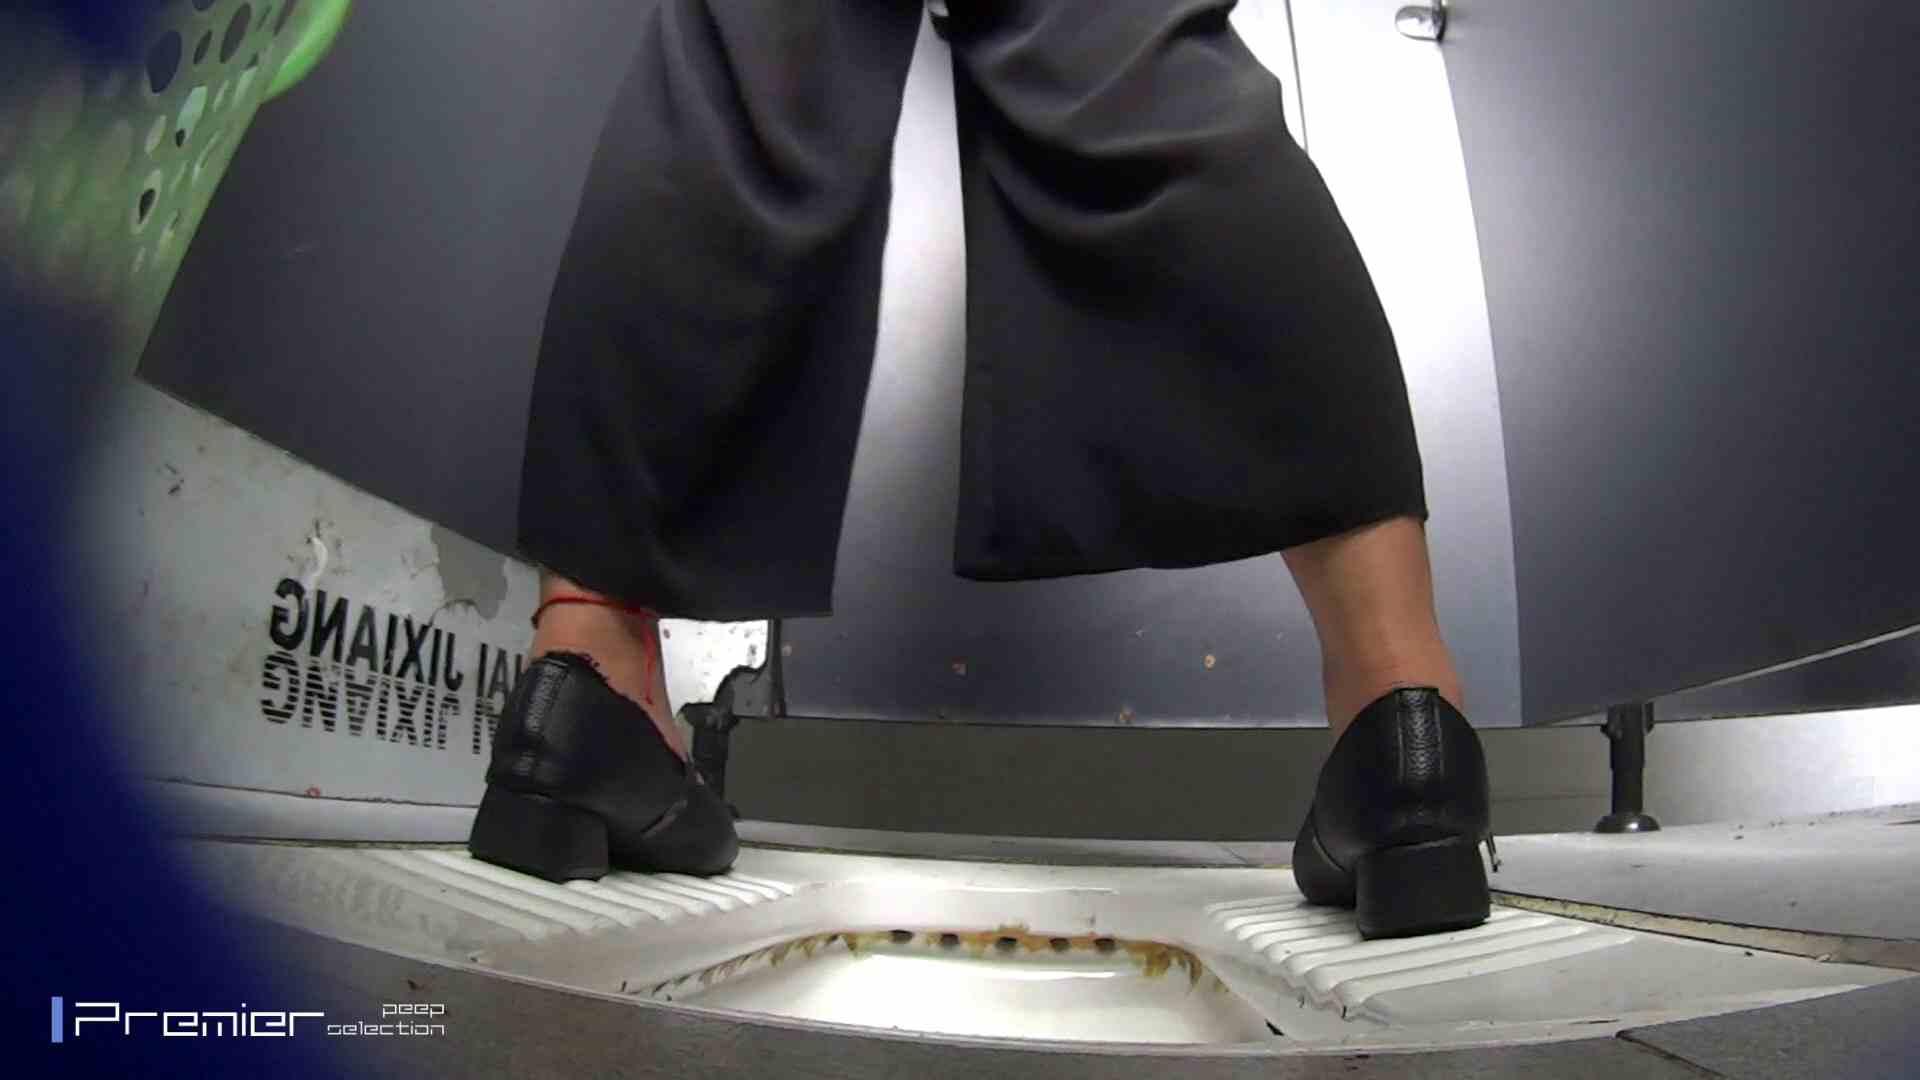 夏全開!ハーフパンツのギャル達 大学休憩時間の洗面所事情44 0  60連発 8